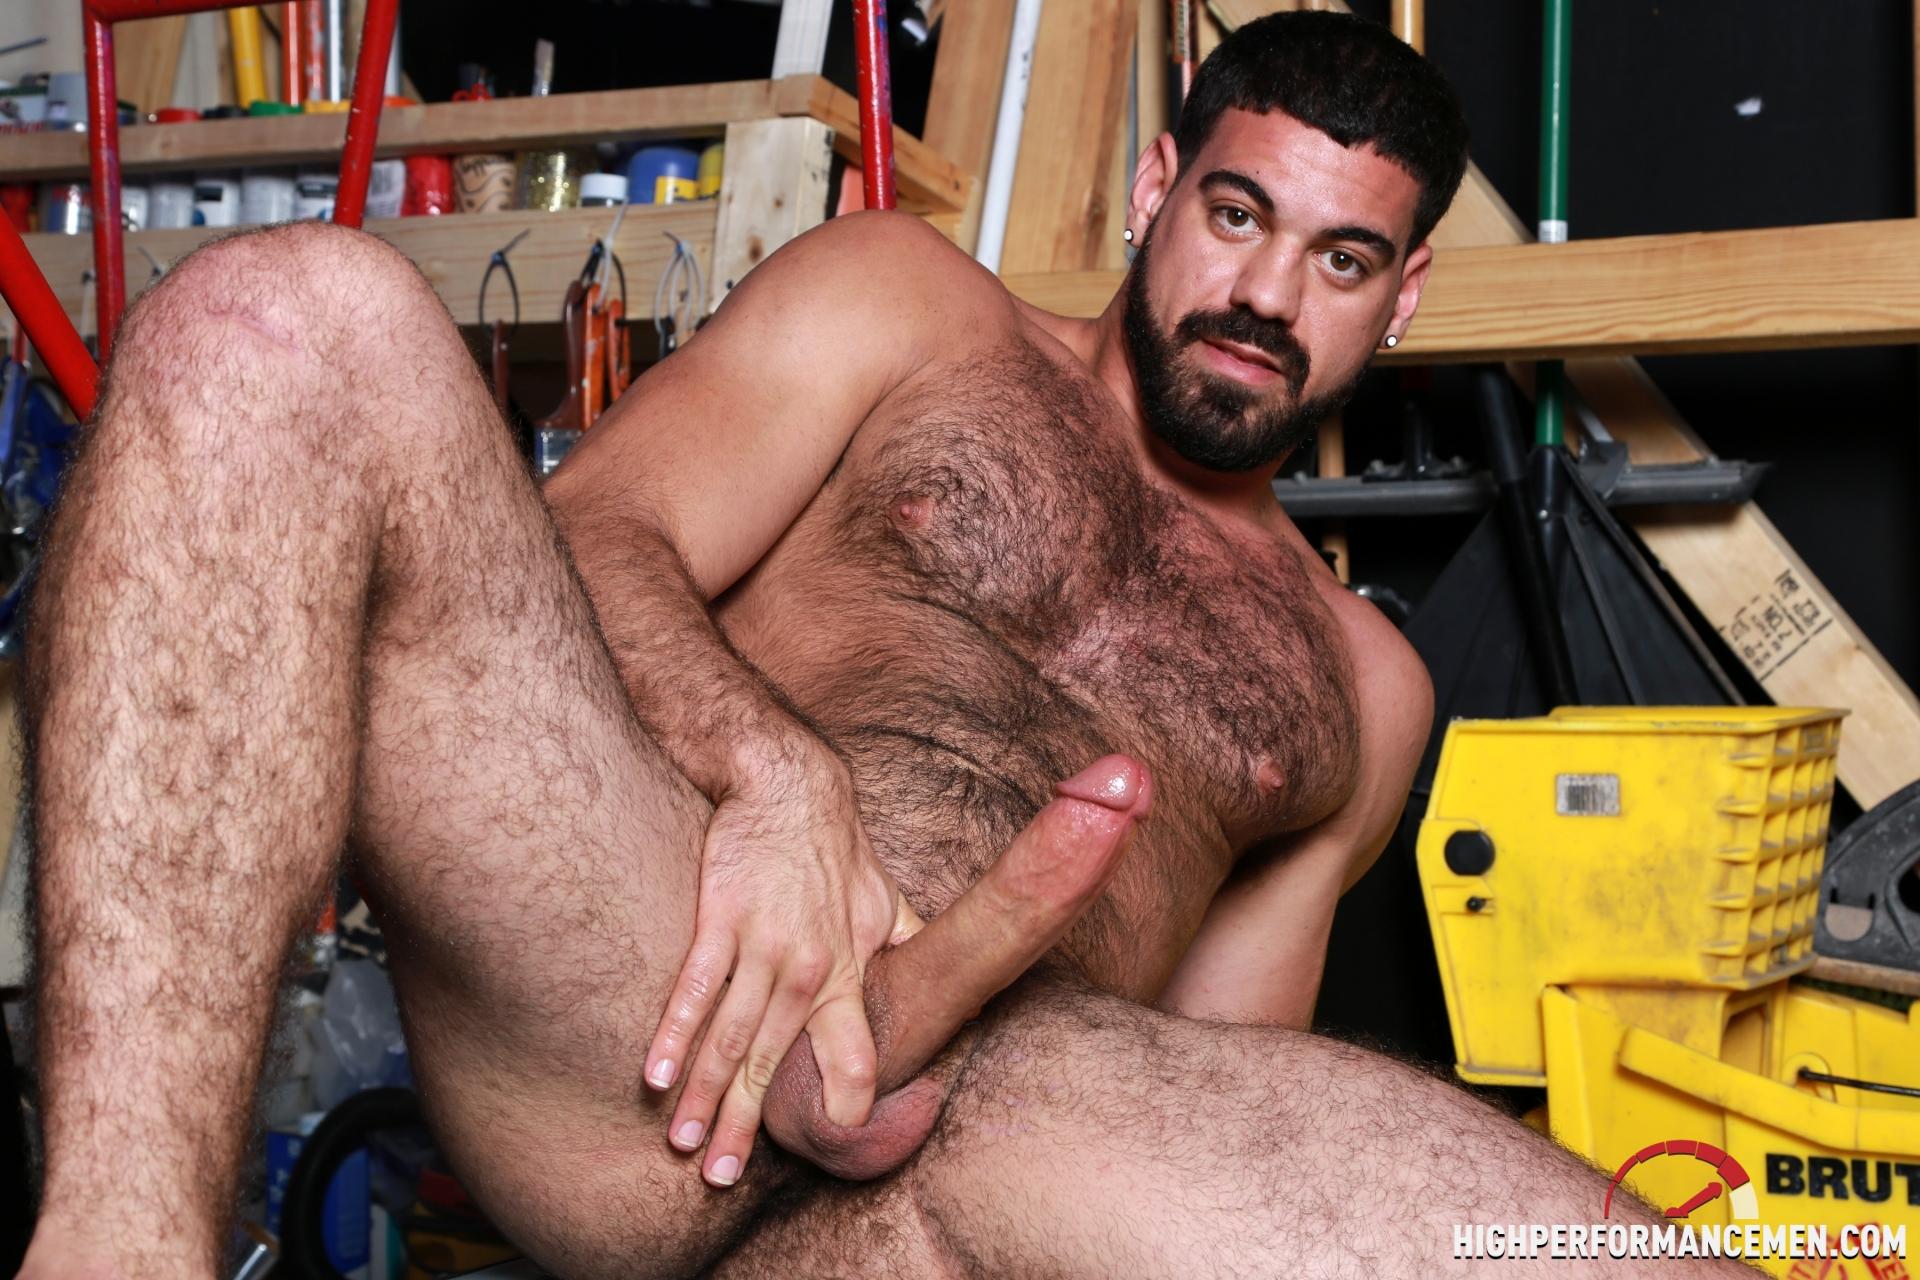 Ricky-Larkin-butt-ass-hairy-hole-High-Performance-Men-first-gay-toy-dildo-16